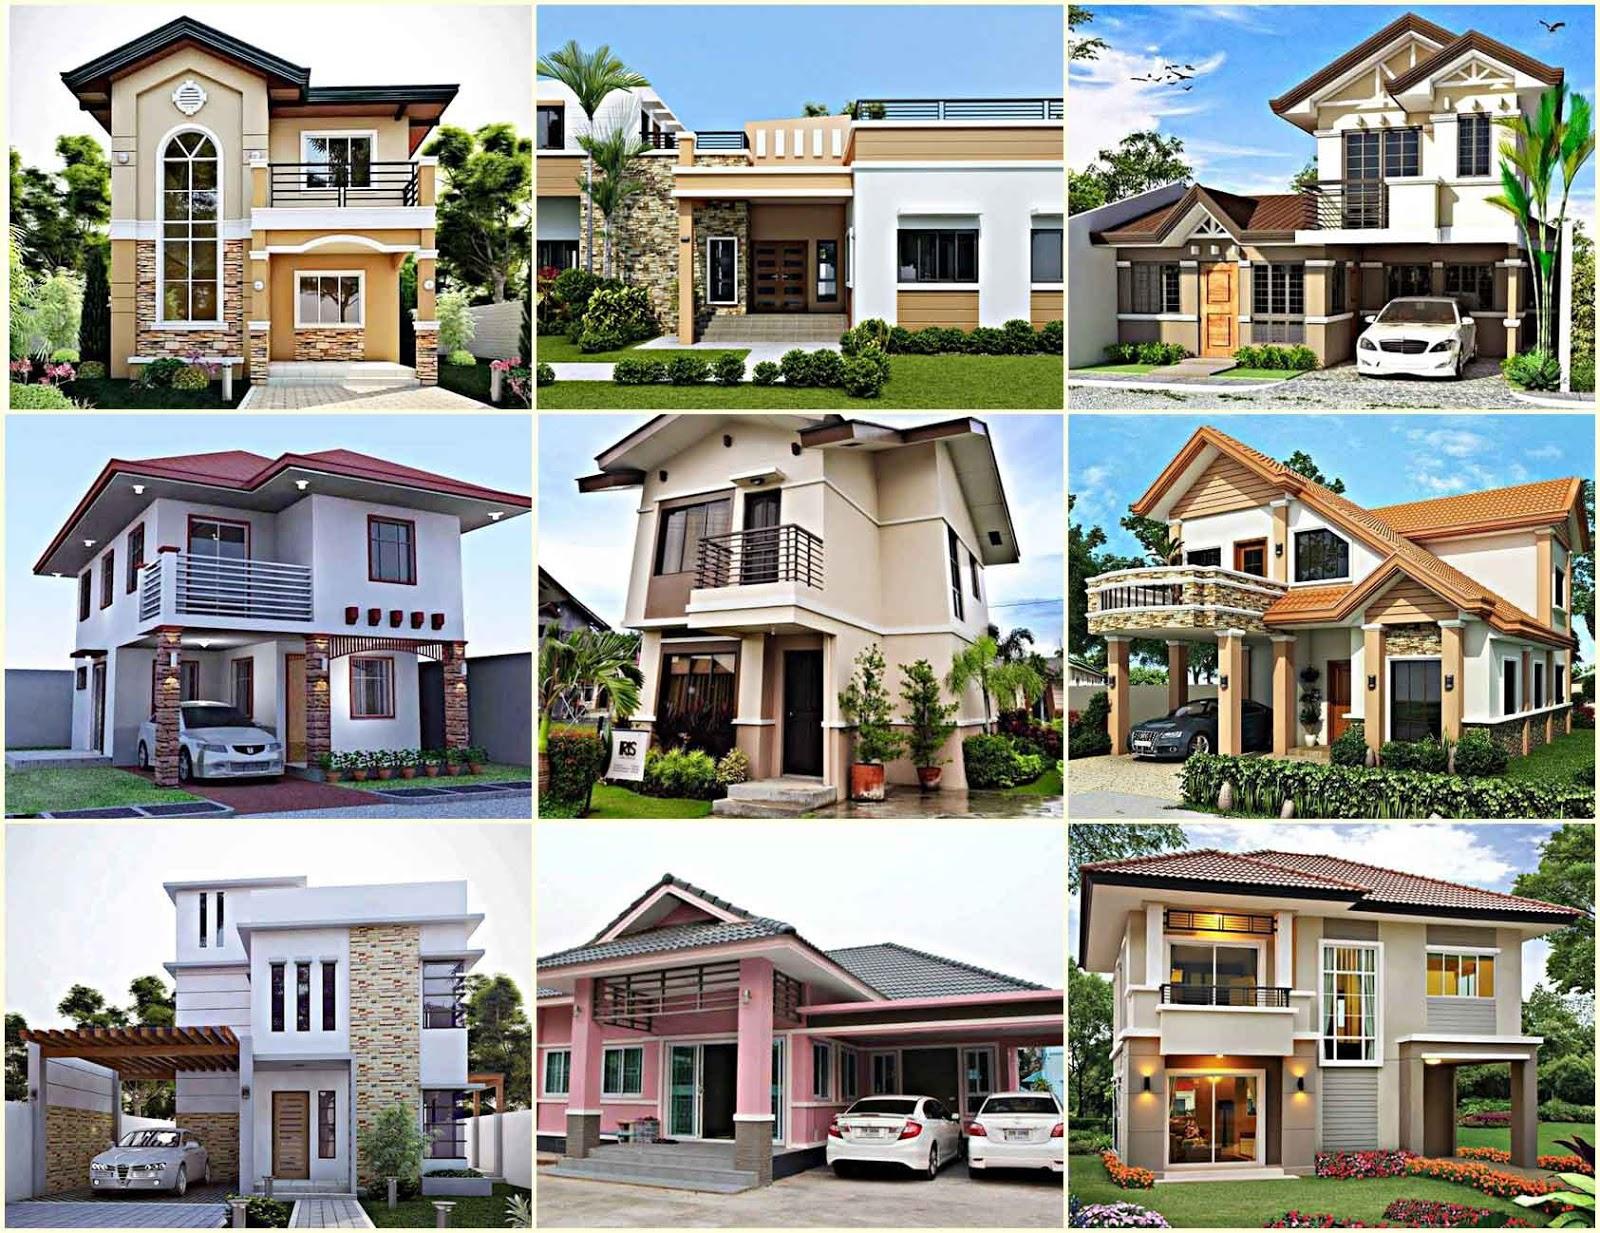 91 Gambar Rumah 2 Lantai Budget 150 Juta Gratis Terbaik